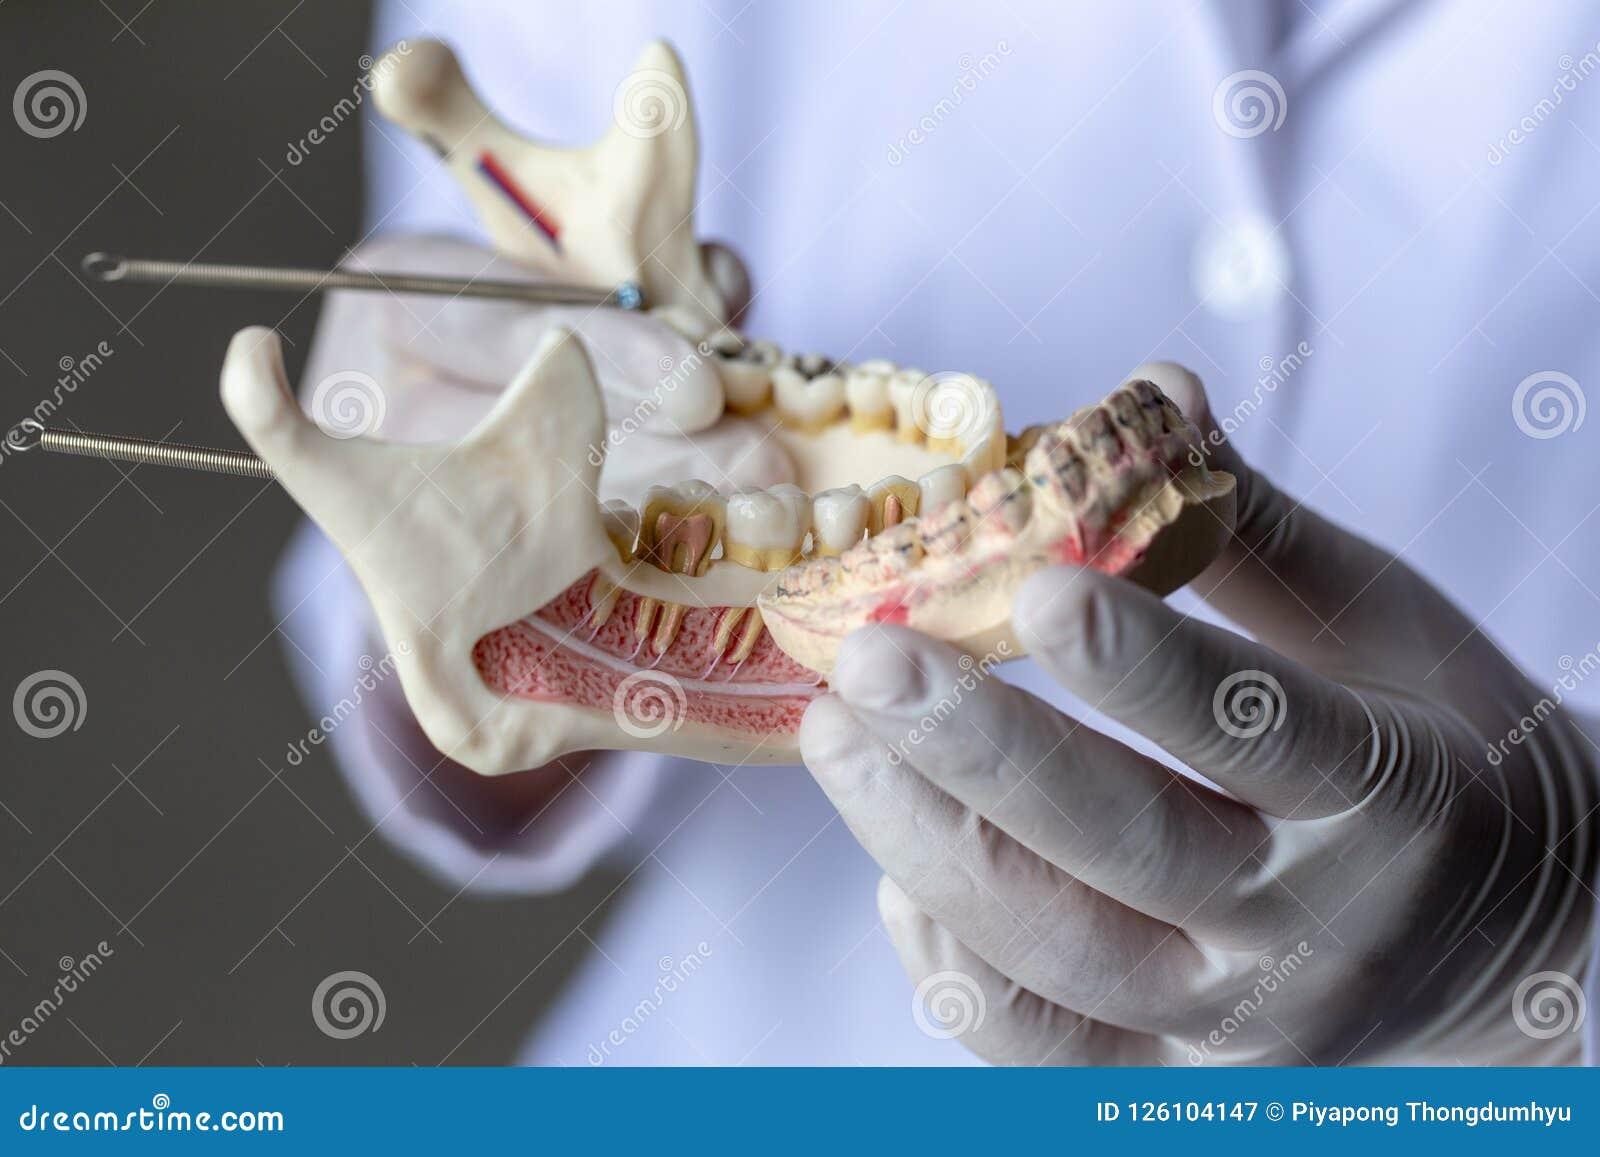 Πρότυπο δοντιών για την εκπαίδευση στο εργαστήριο